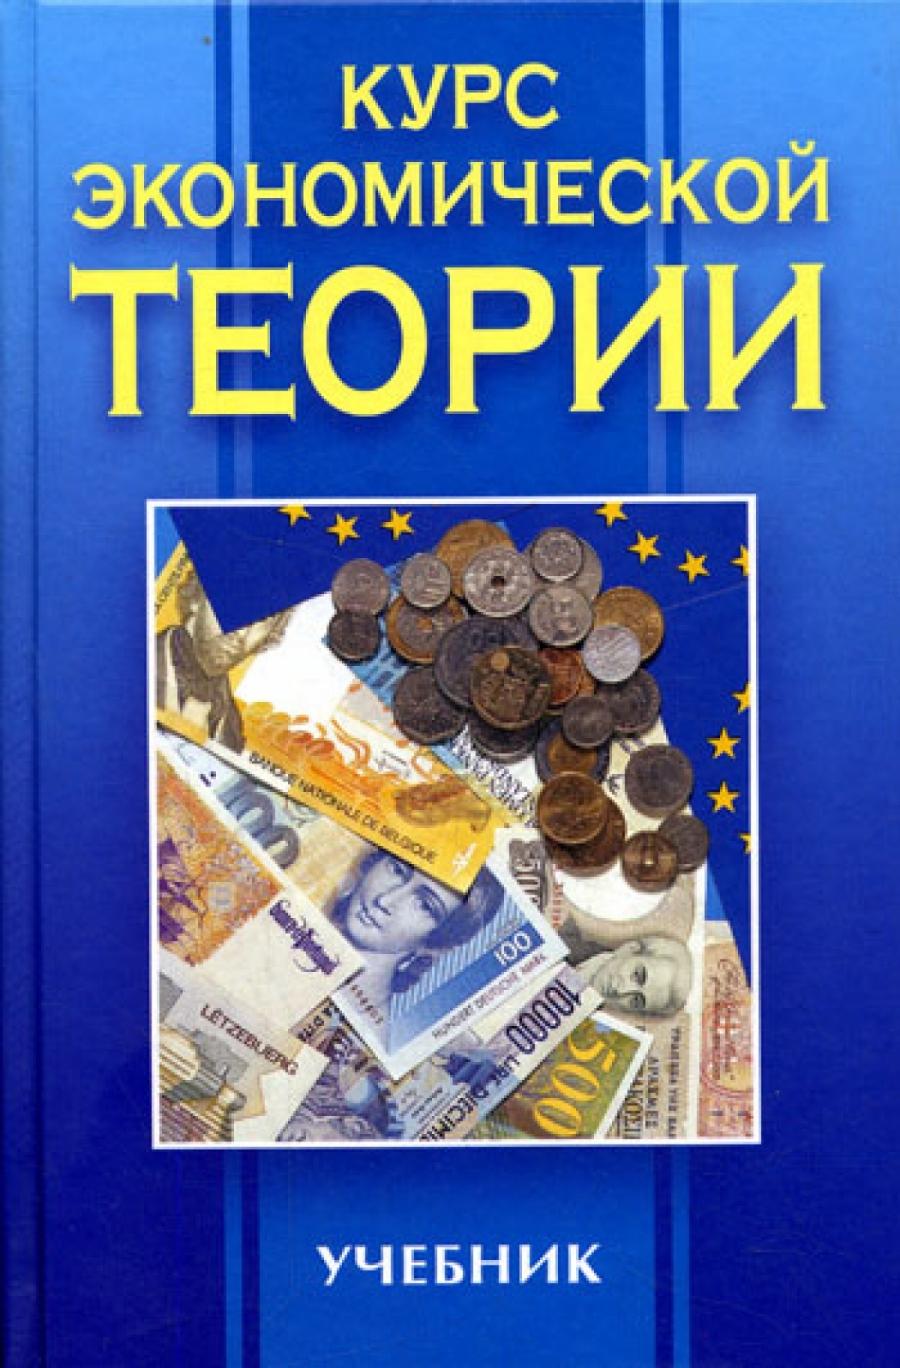 Обложка книги:  м.и. плотницкий, э.и. лобкович, м.г. муталимов - курс экономической теории